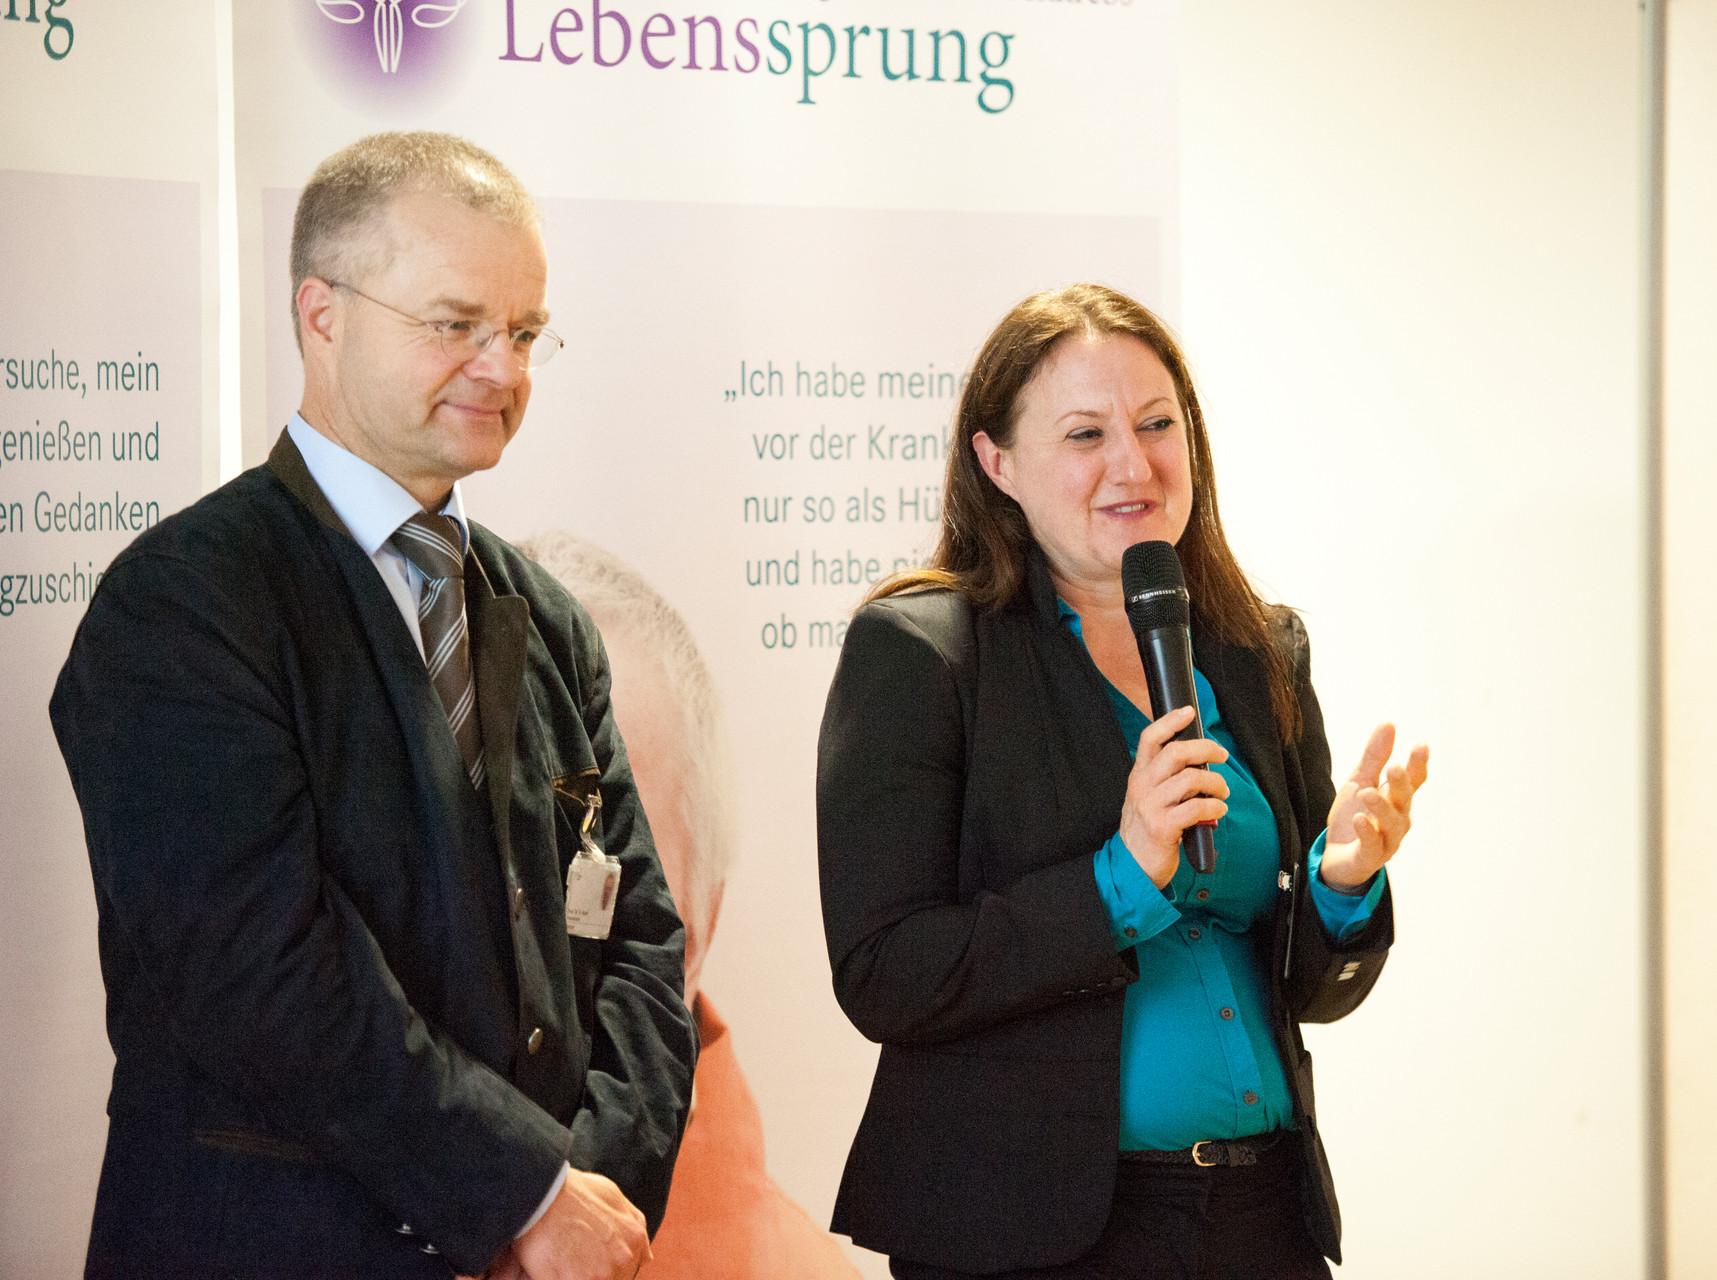 Prof.Hanf und Frau Dipl.Psych. Nitsche